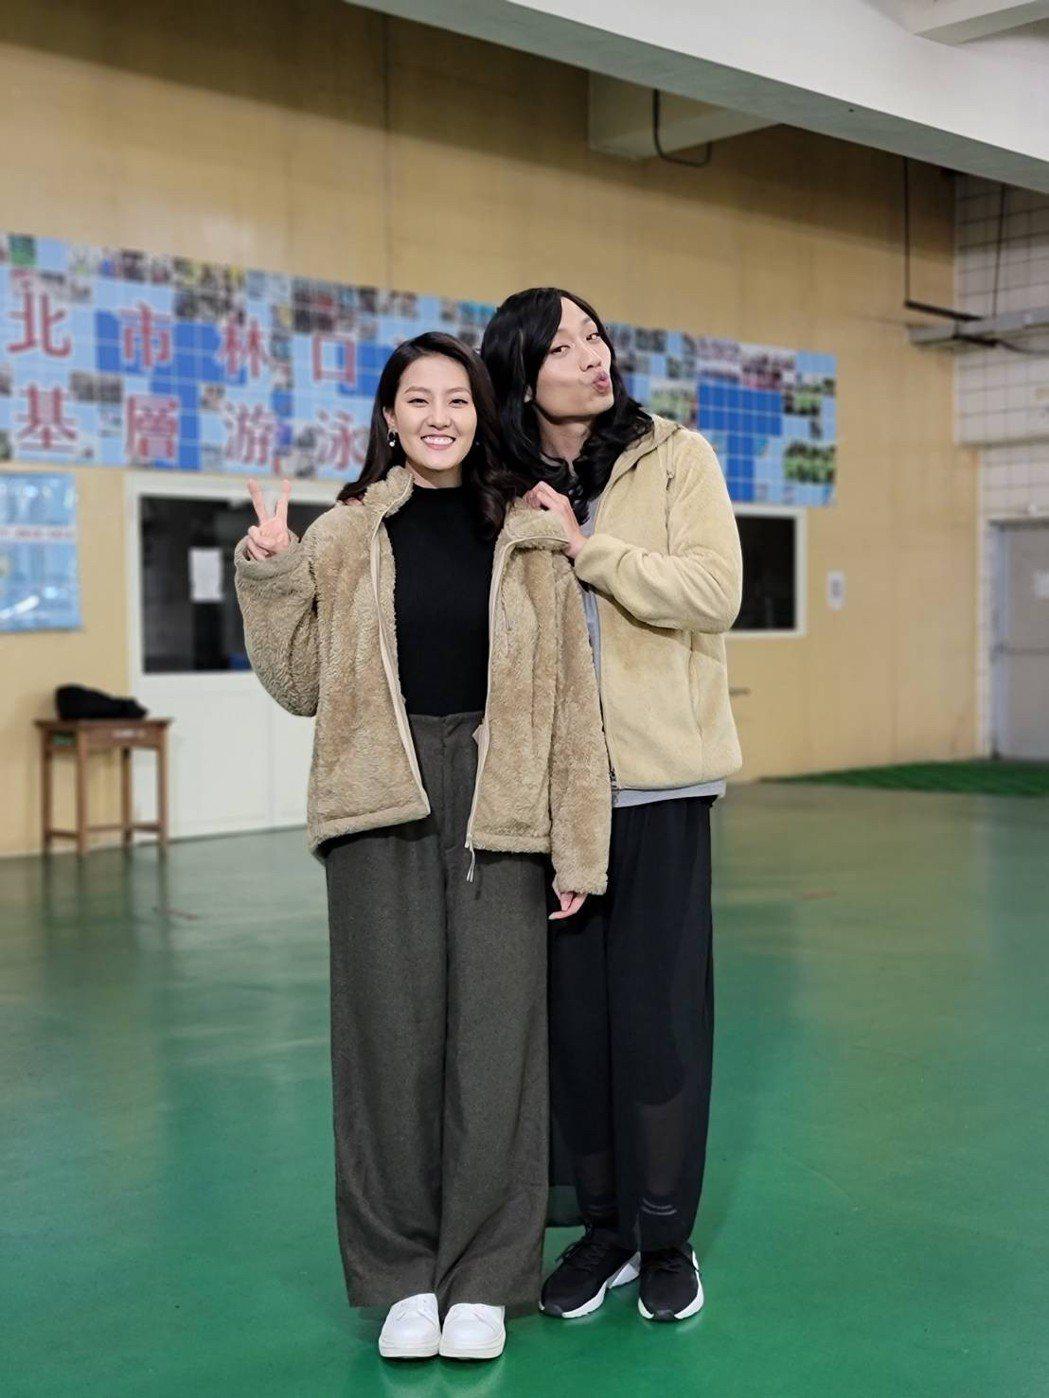 張哲豪(右)扮女裝,顏曉筠第一時間竟沒認出來。圗/民視提供